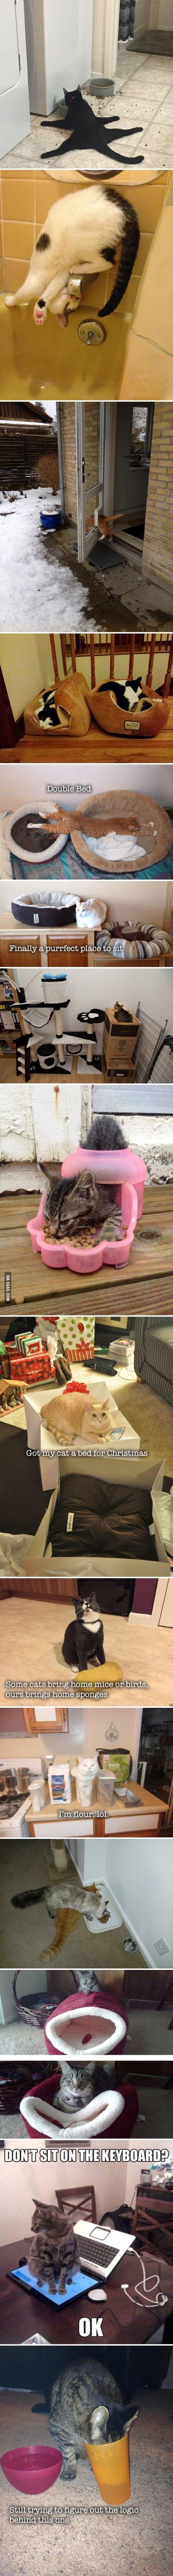 la lógica del gato: